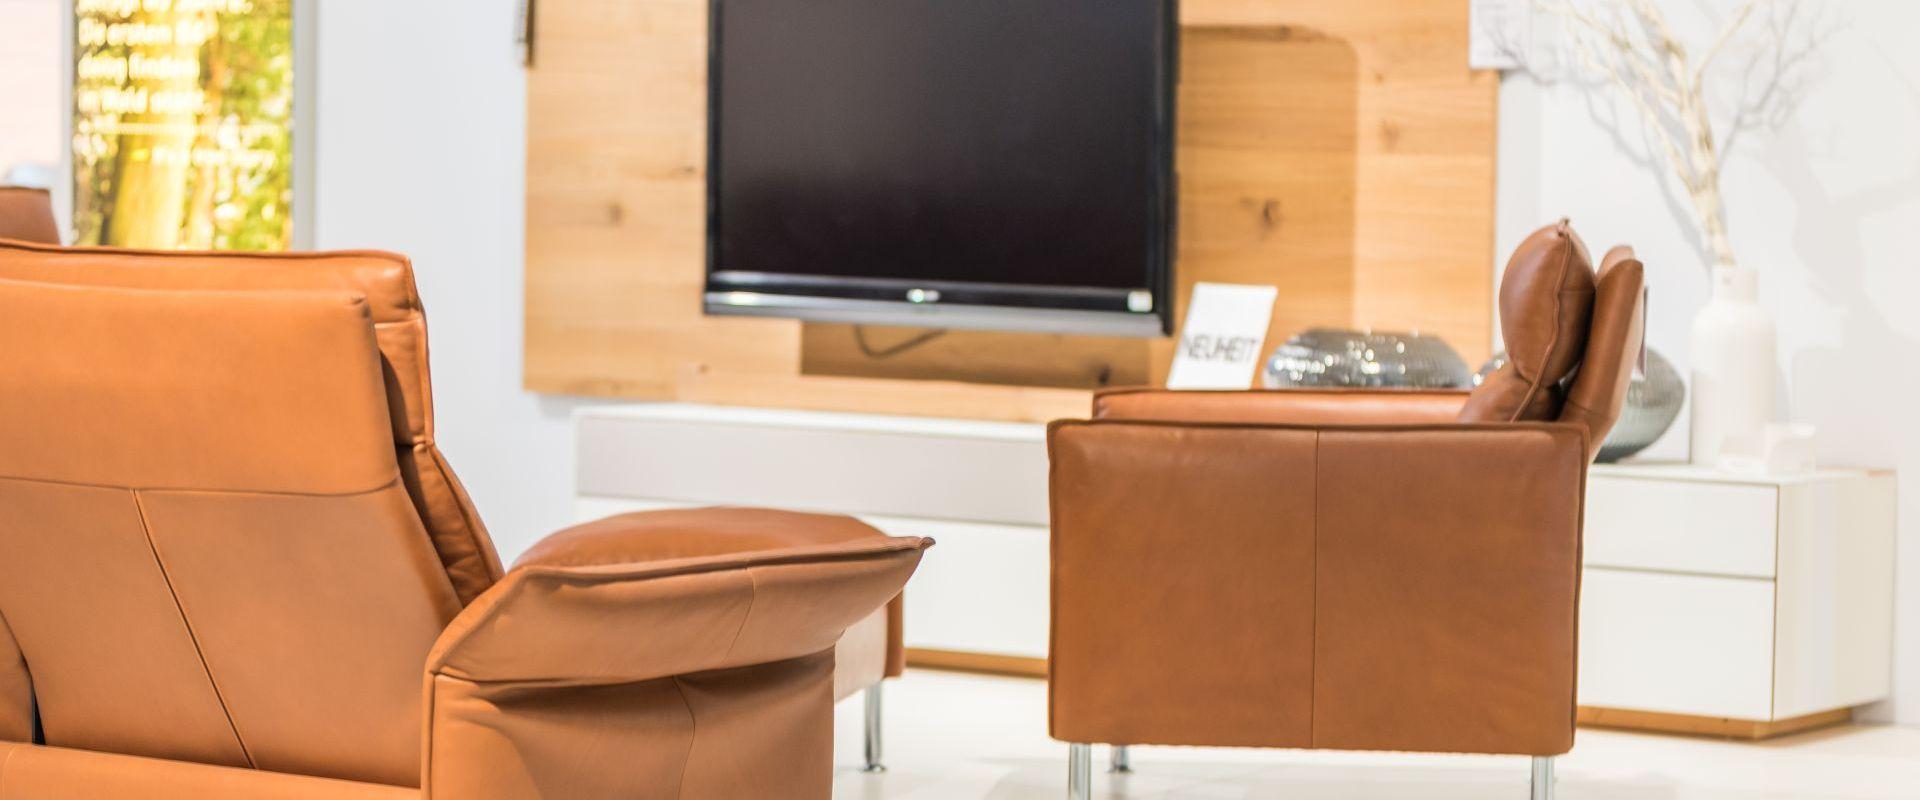 neu einzigartige wohnzimmerm bel f r regelm ige animateure kae2 esszimmer deckenleuchten. Black Bedroom Furniture Sets. Home Design Ideas